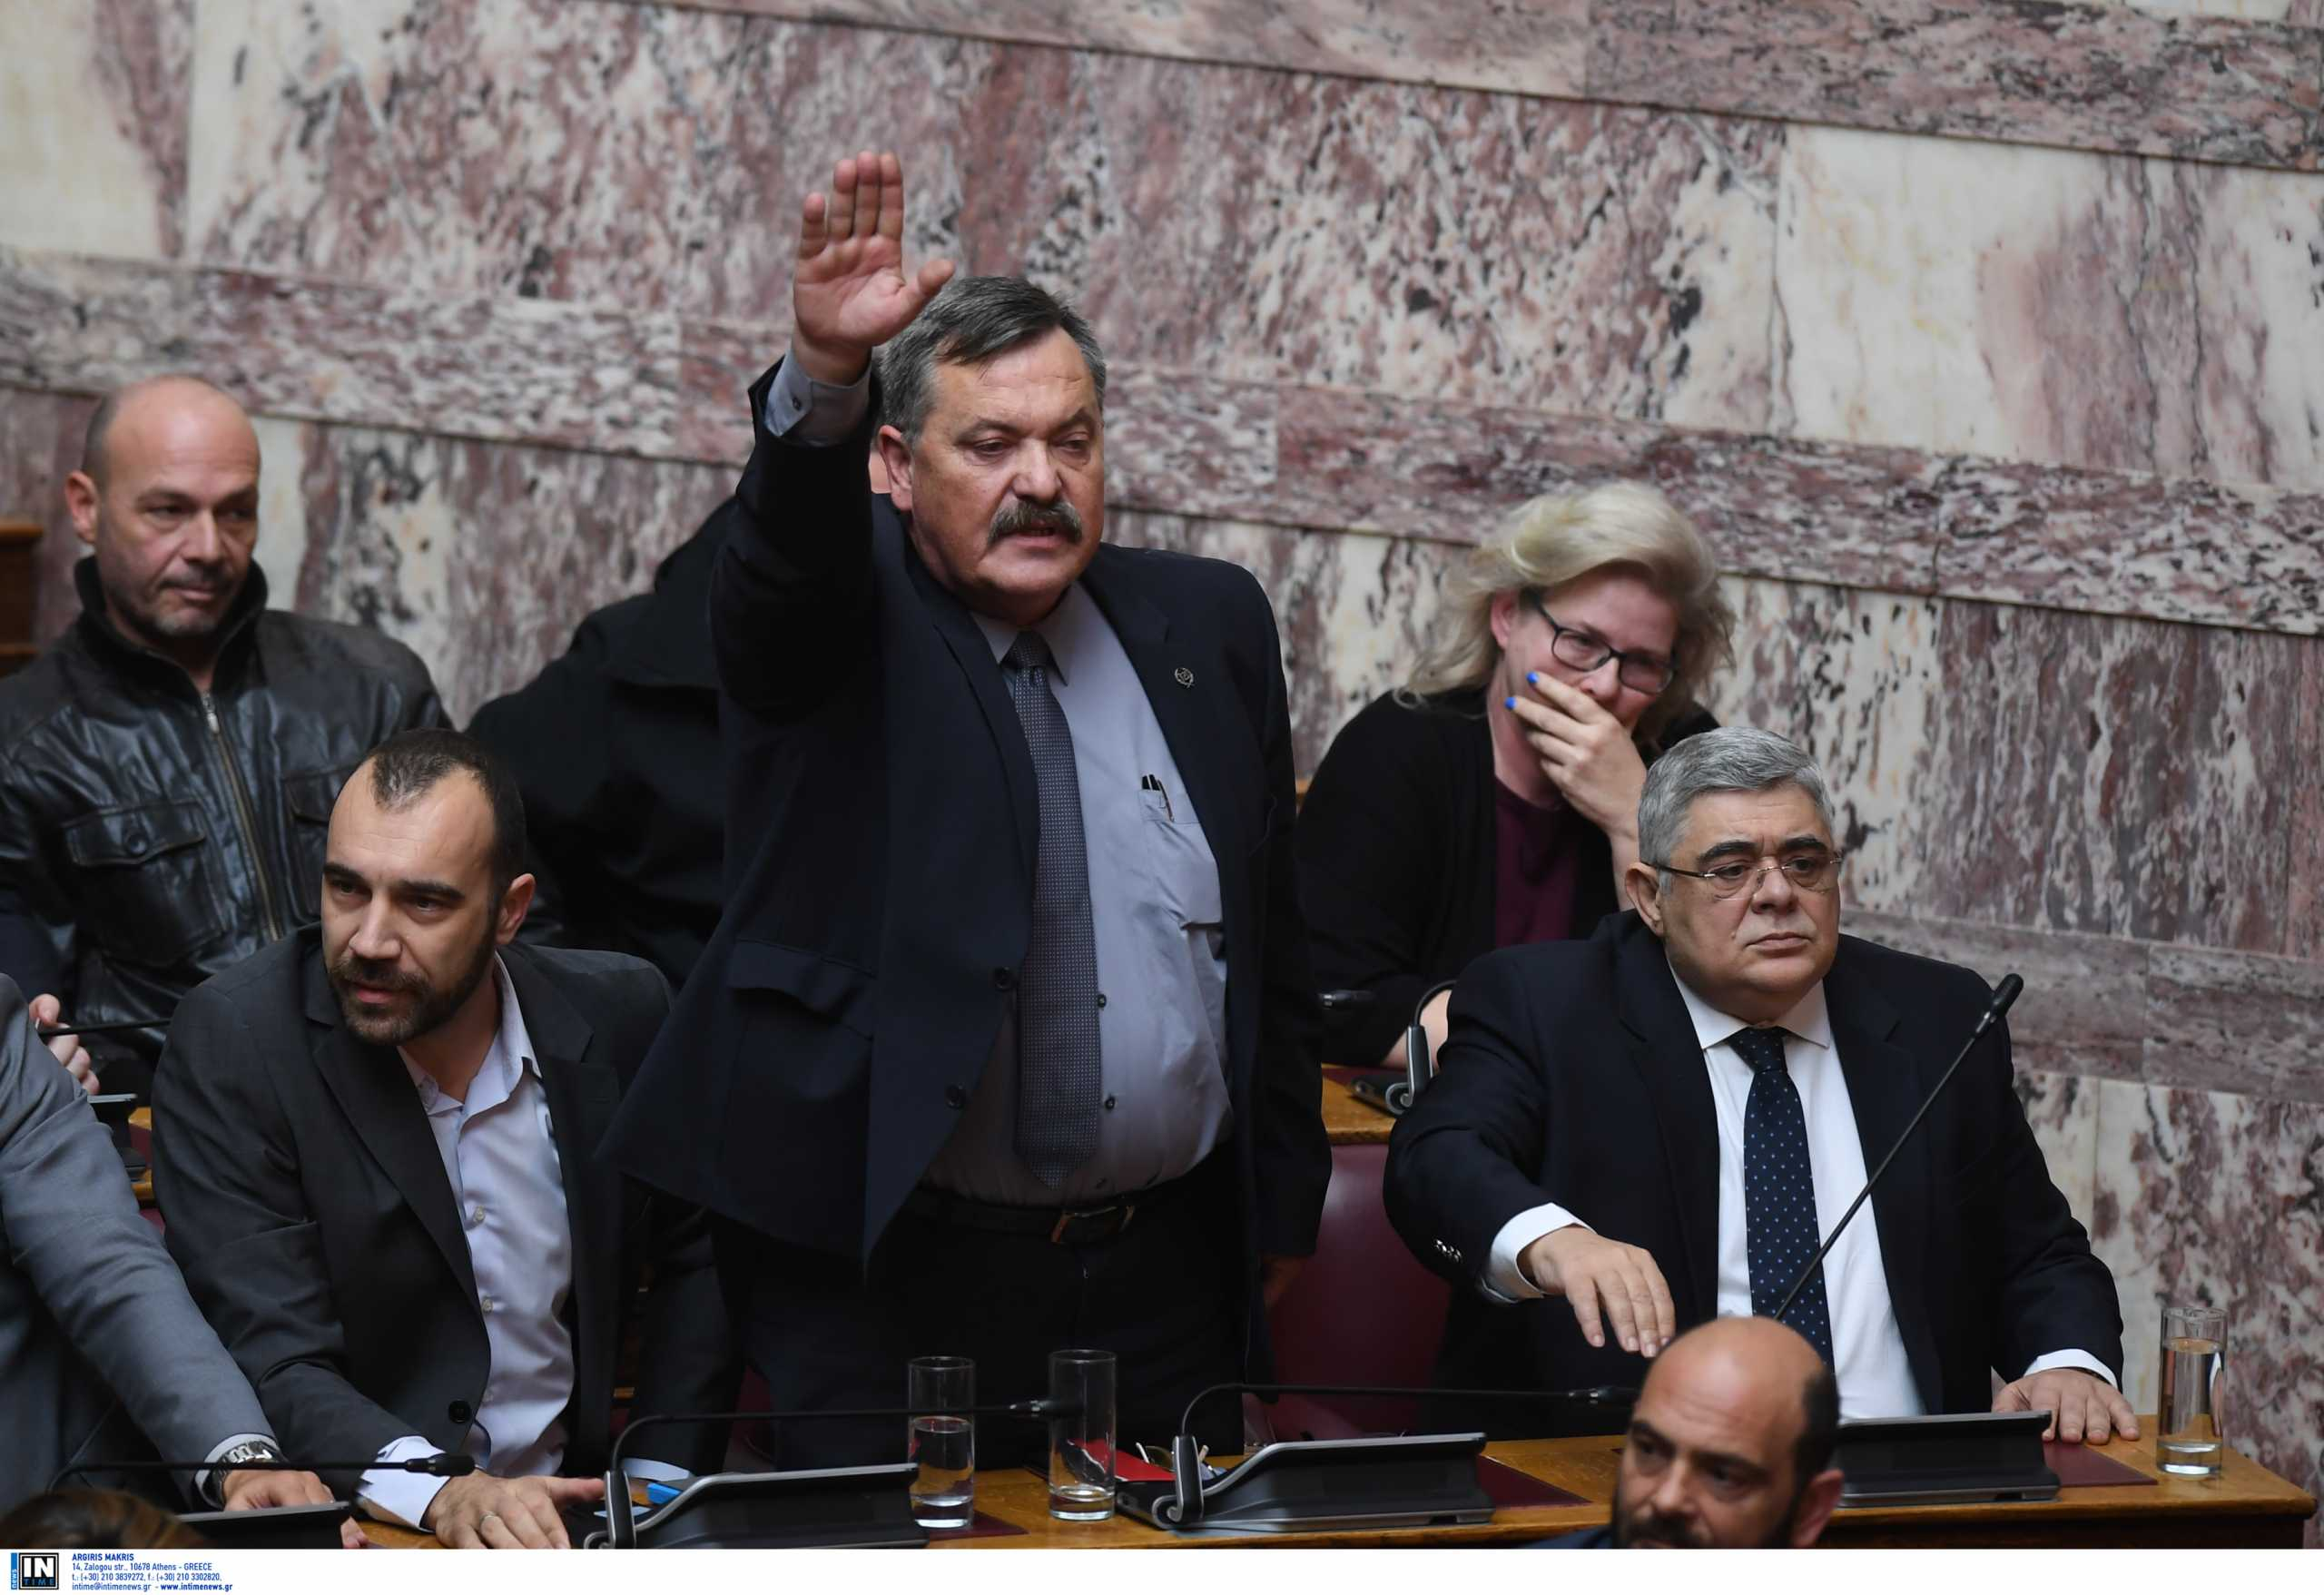 Χρήστος Παππάς: Οι ναζιστικοί χαιρετισμοί και οι «ύμνοι» στα τάγματα εφόδου της Νίκαιας